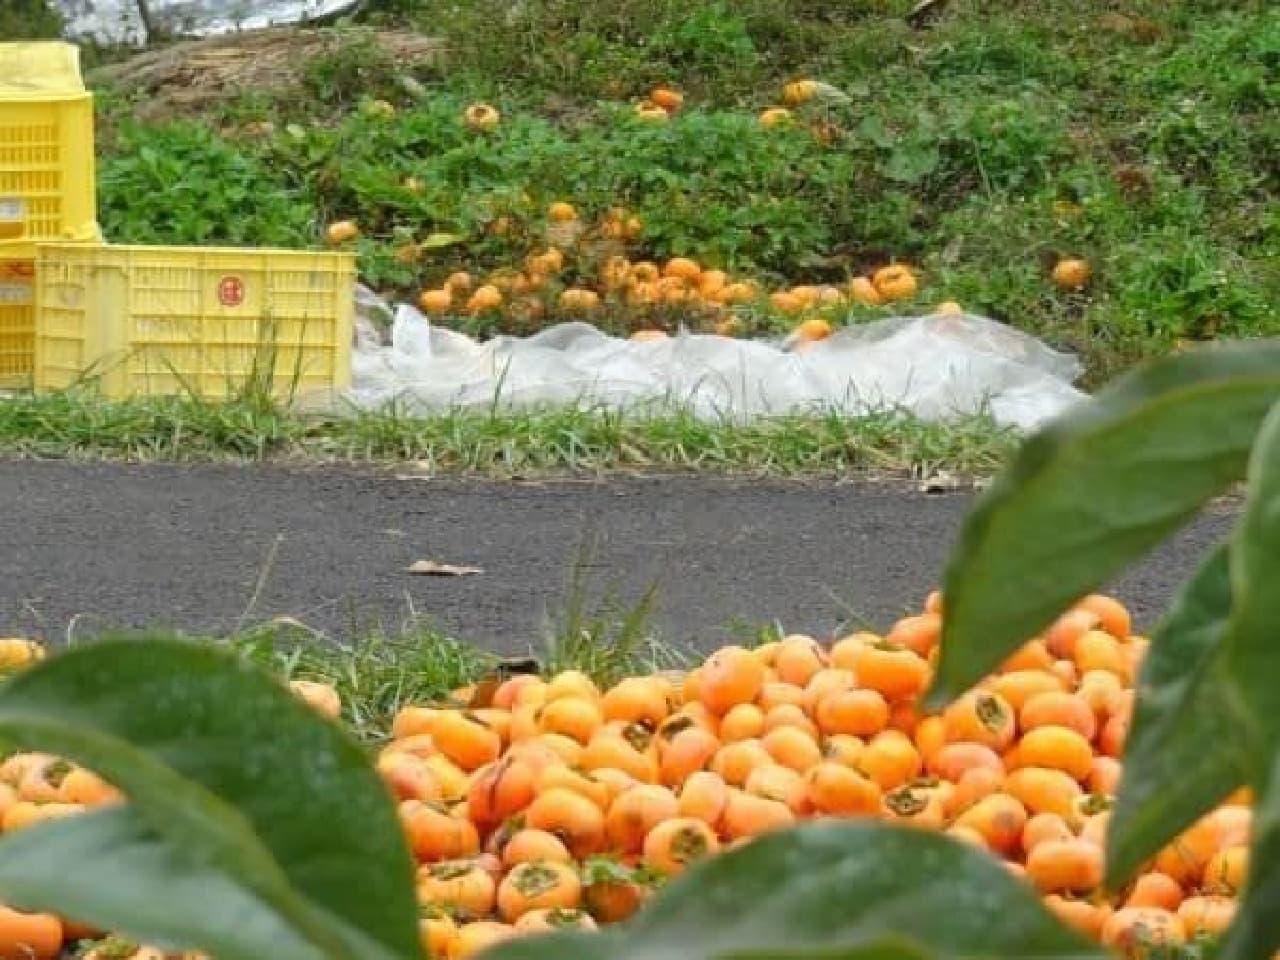 流通できず廃棄されてしまっていた大量のおけさ柿